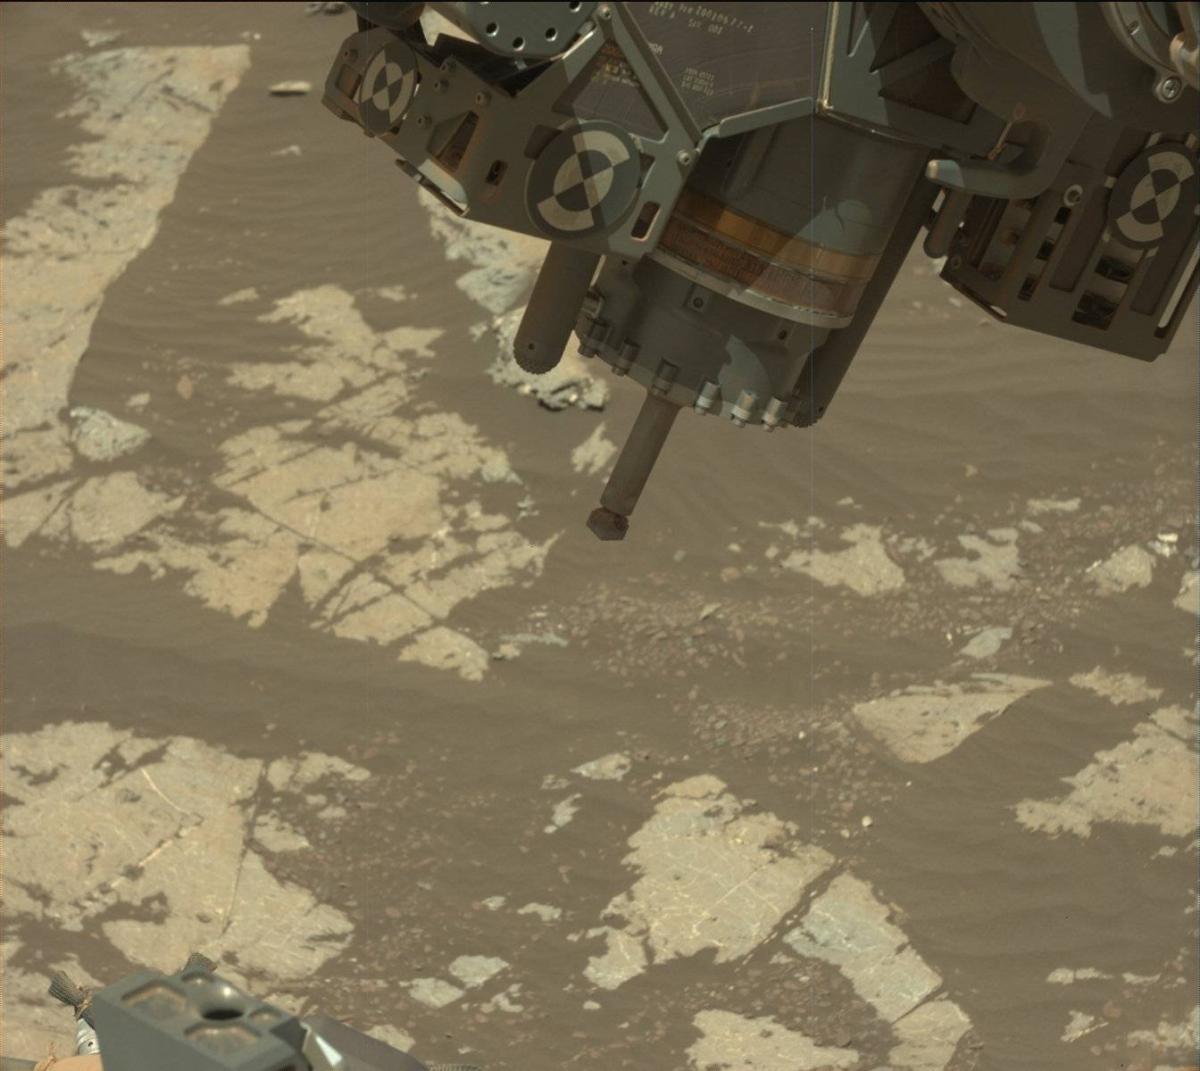 Curiosity Rover: Mars is Hard!